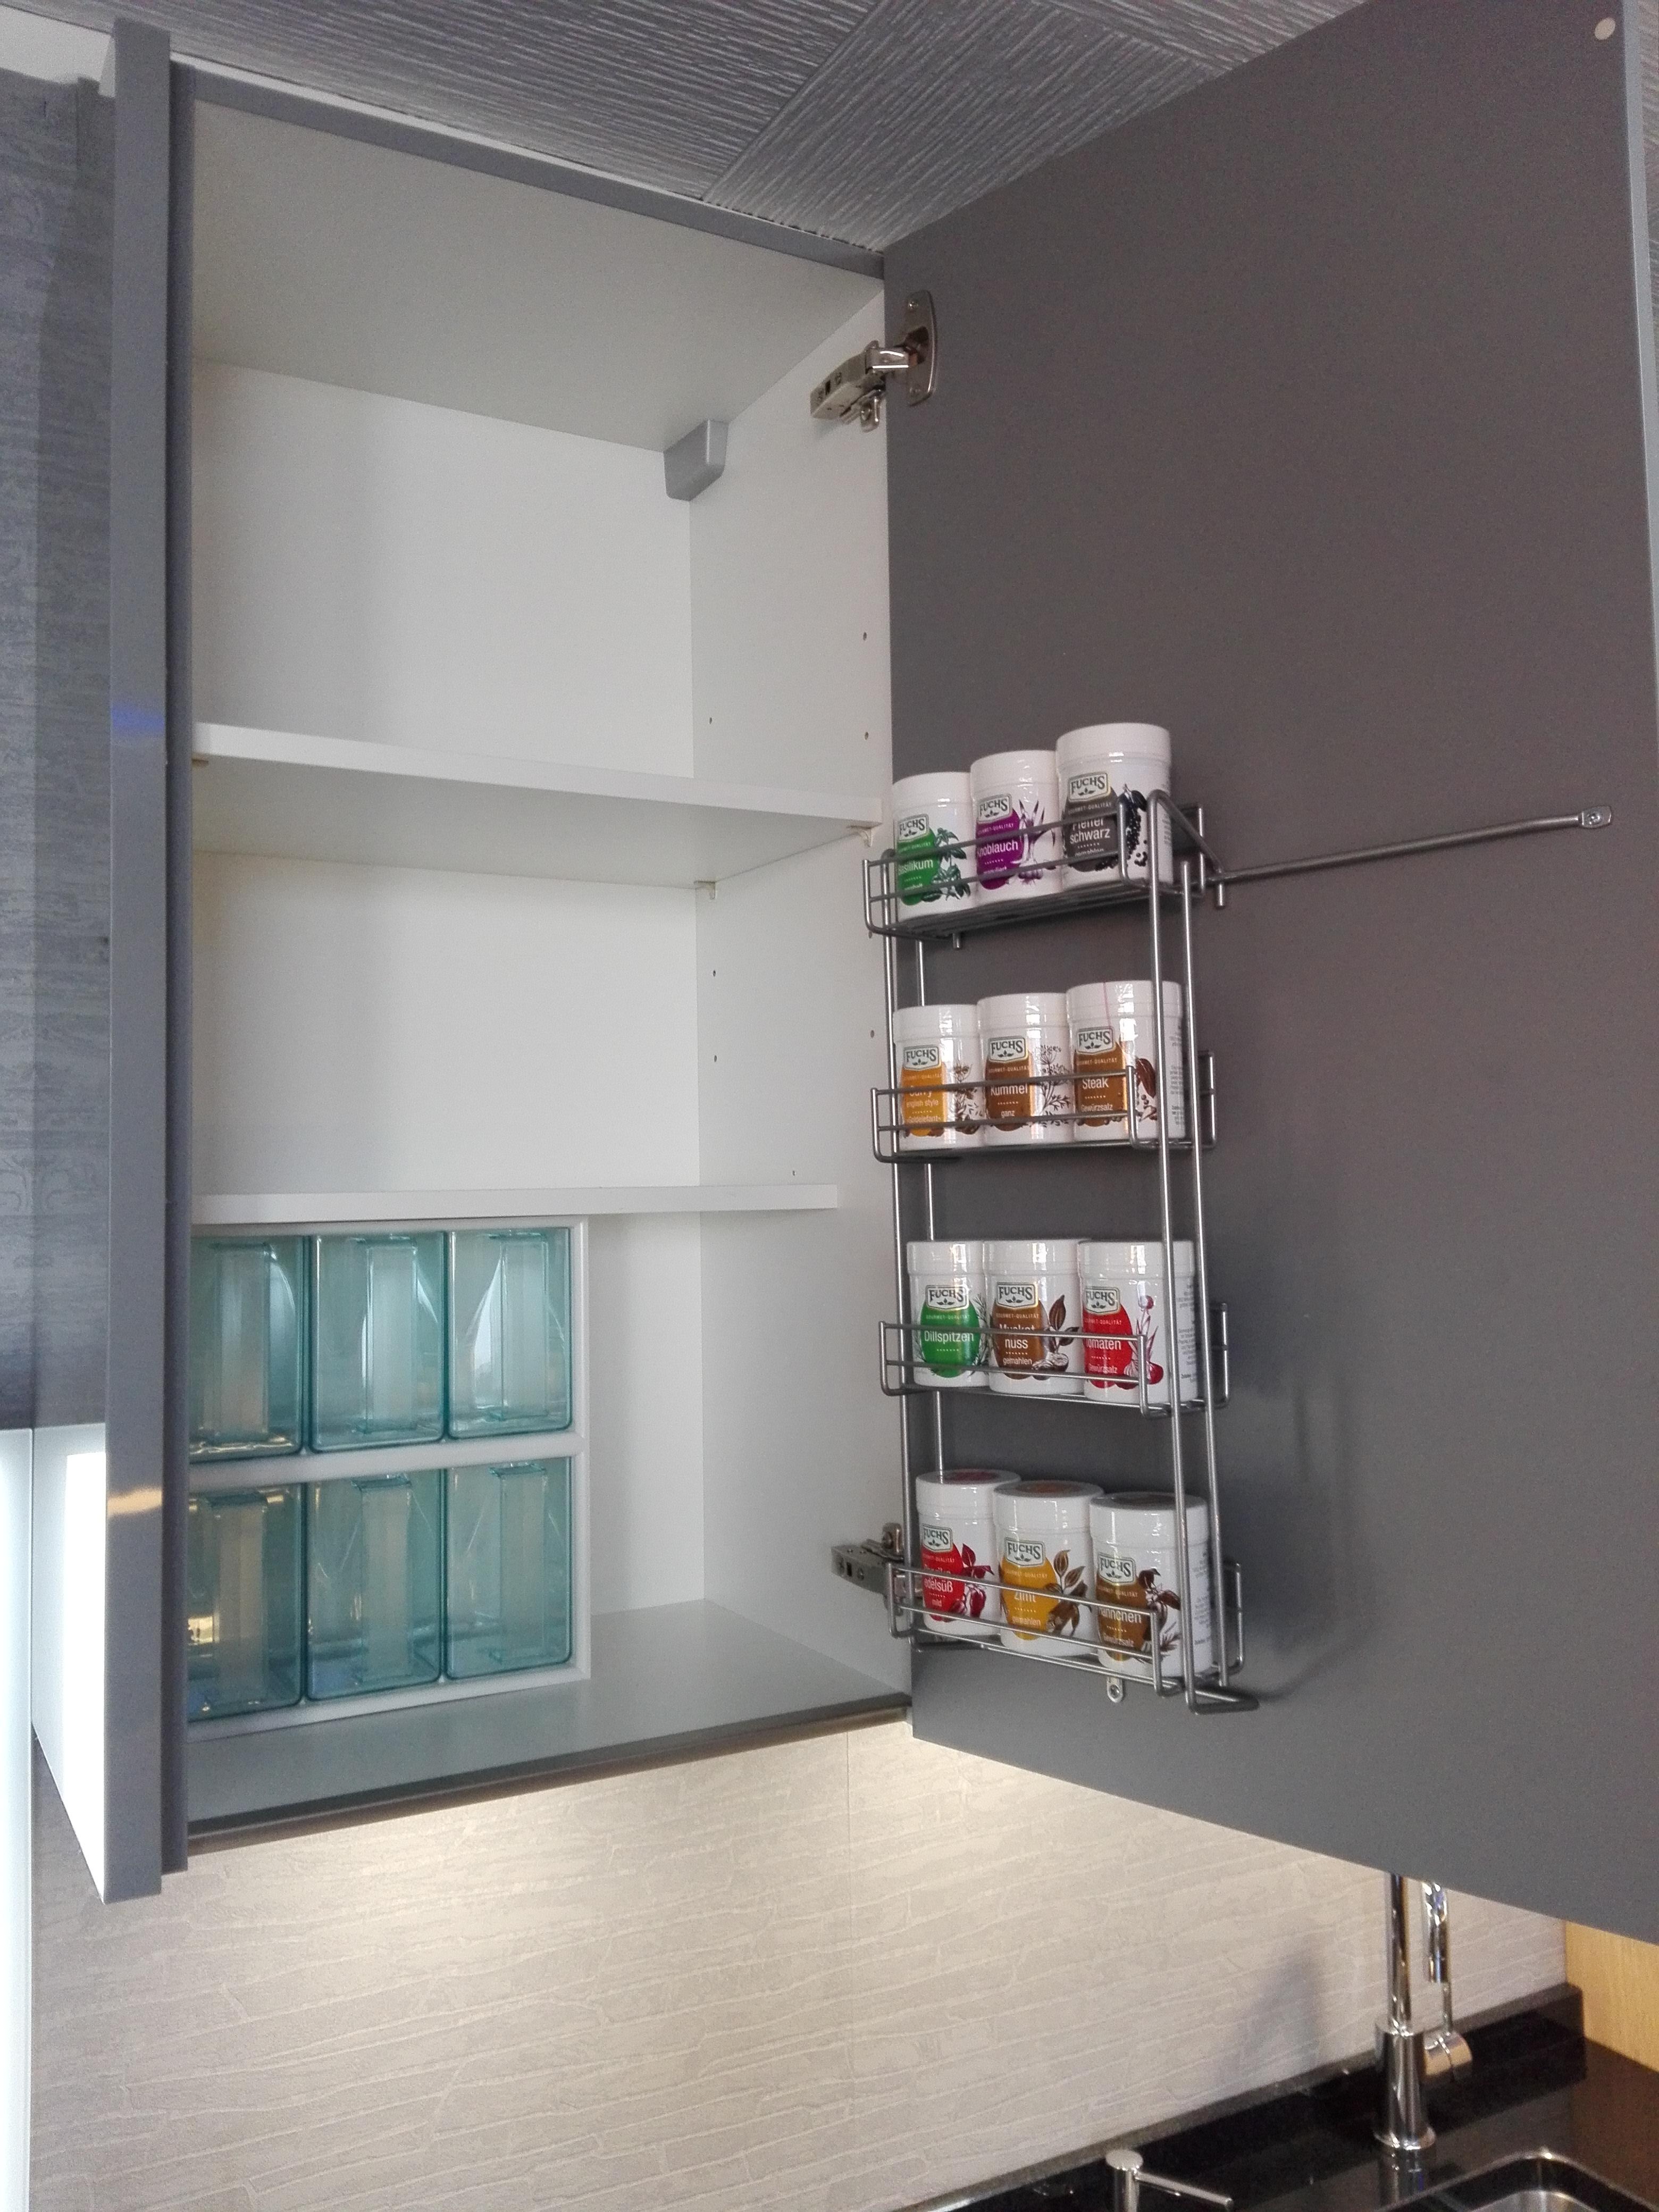 Küche 16 - Klassisch: Oberschrank mit Gewürzregal und